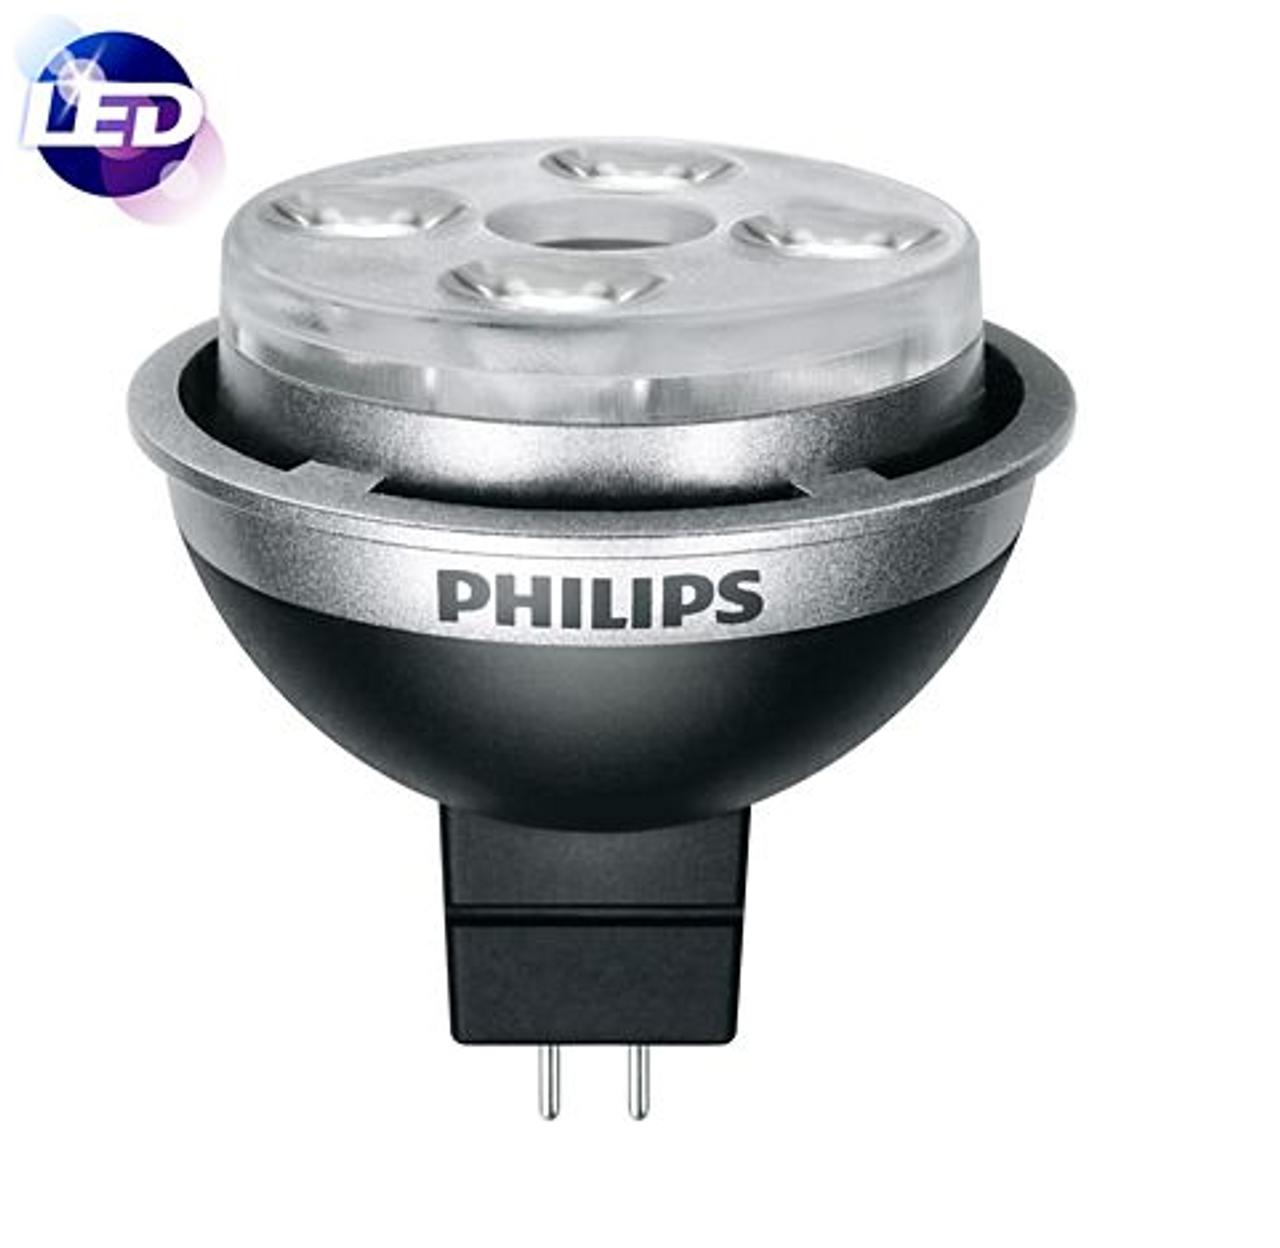 Philips 10MR16//END//F24 2700 DIM 10//1 10W LED 42016-6